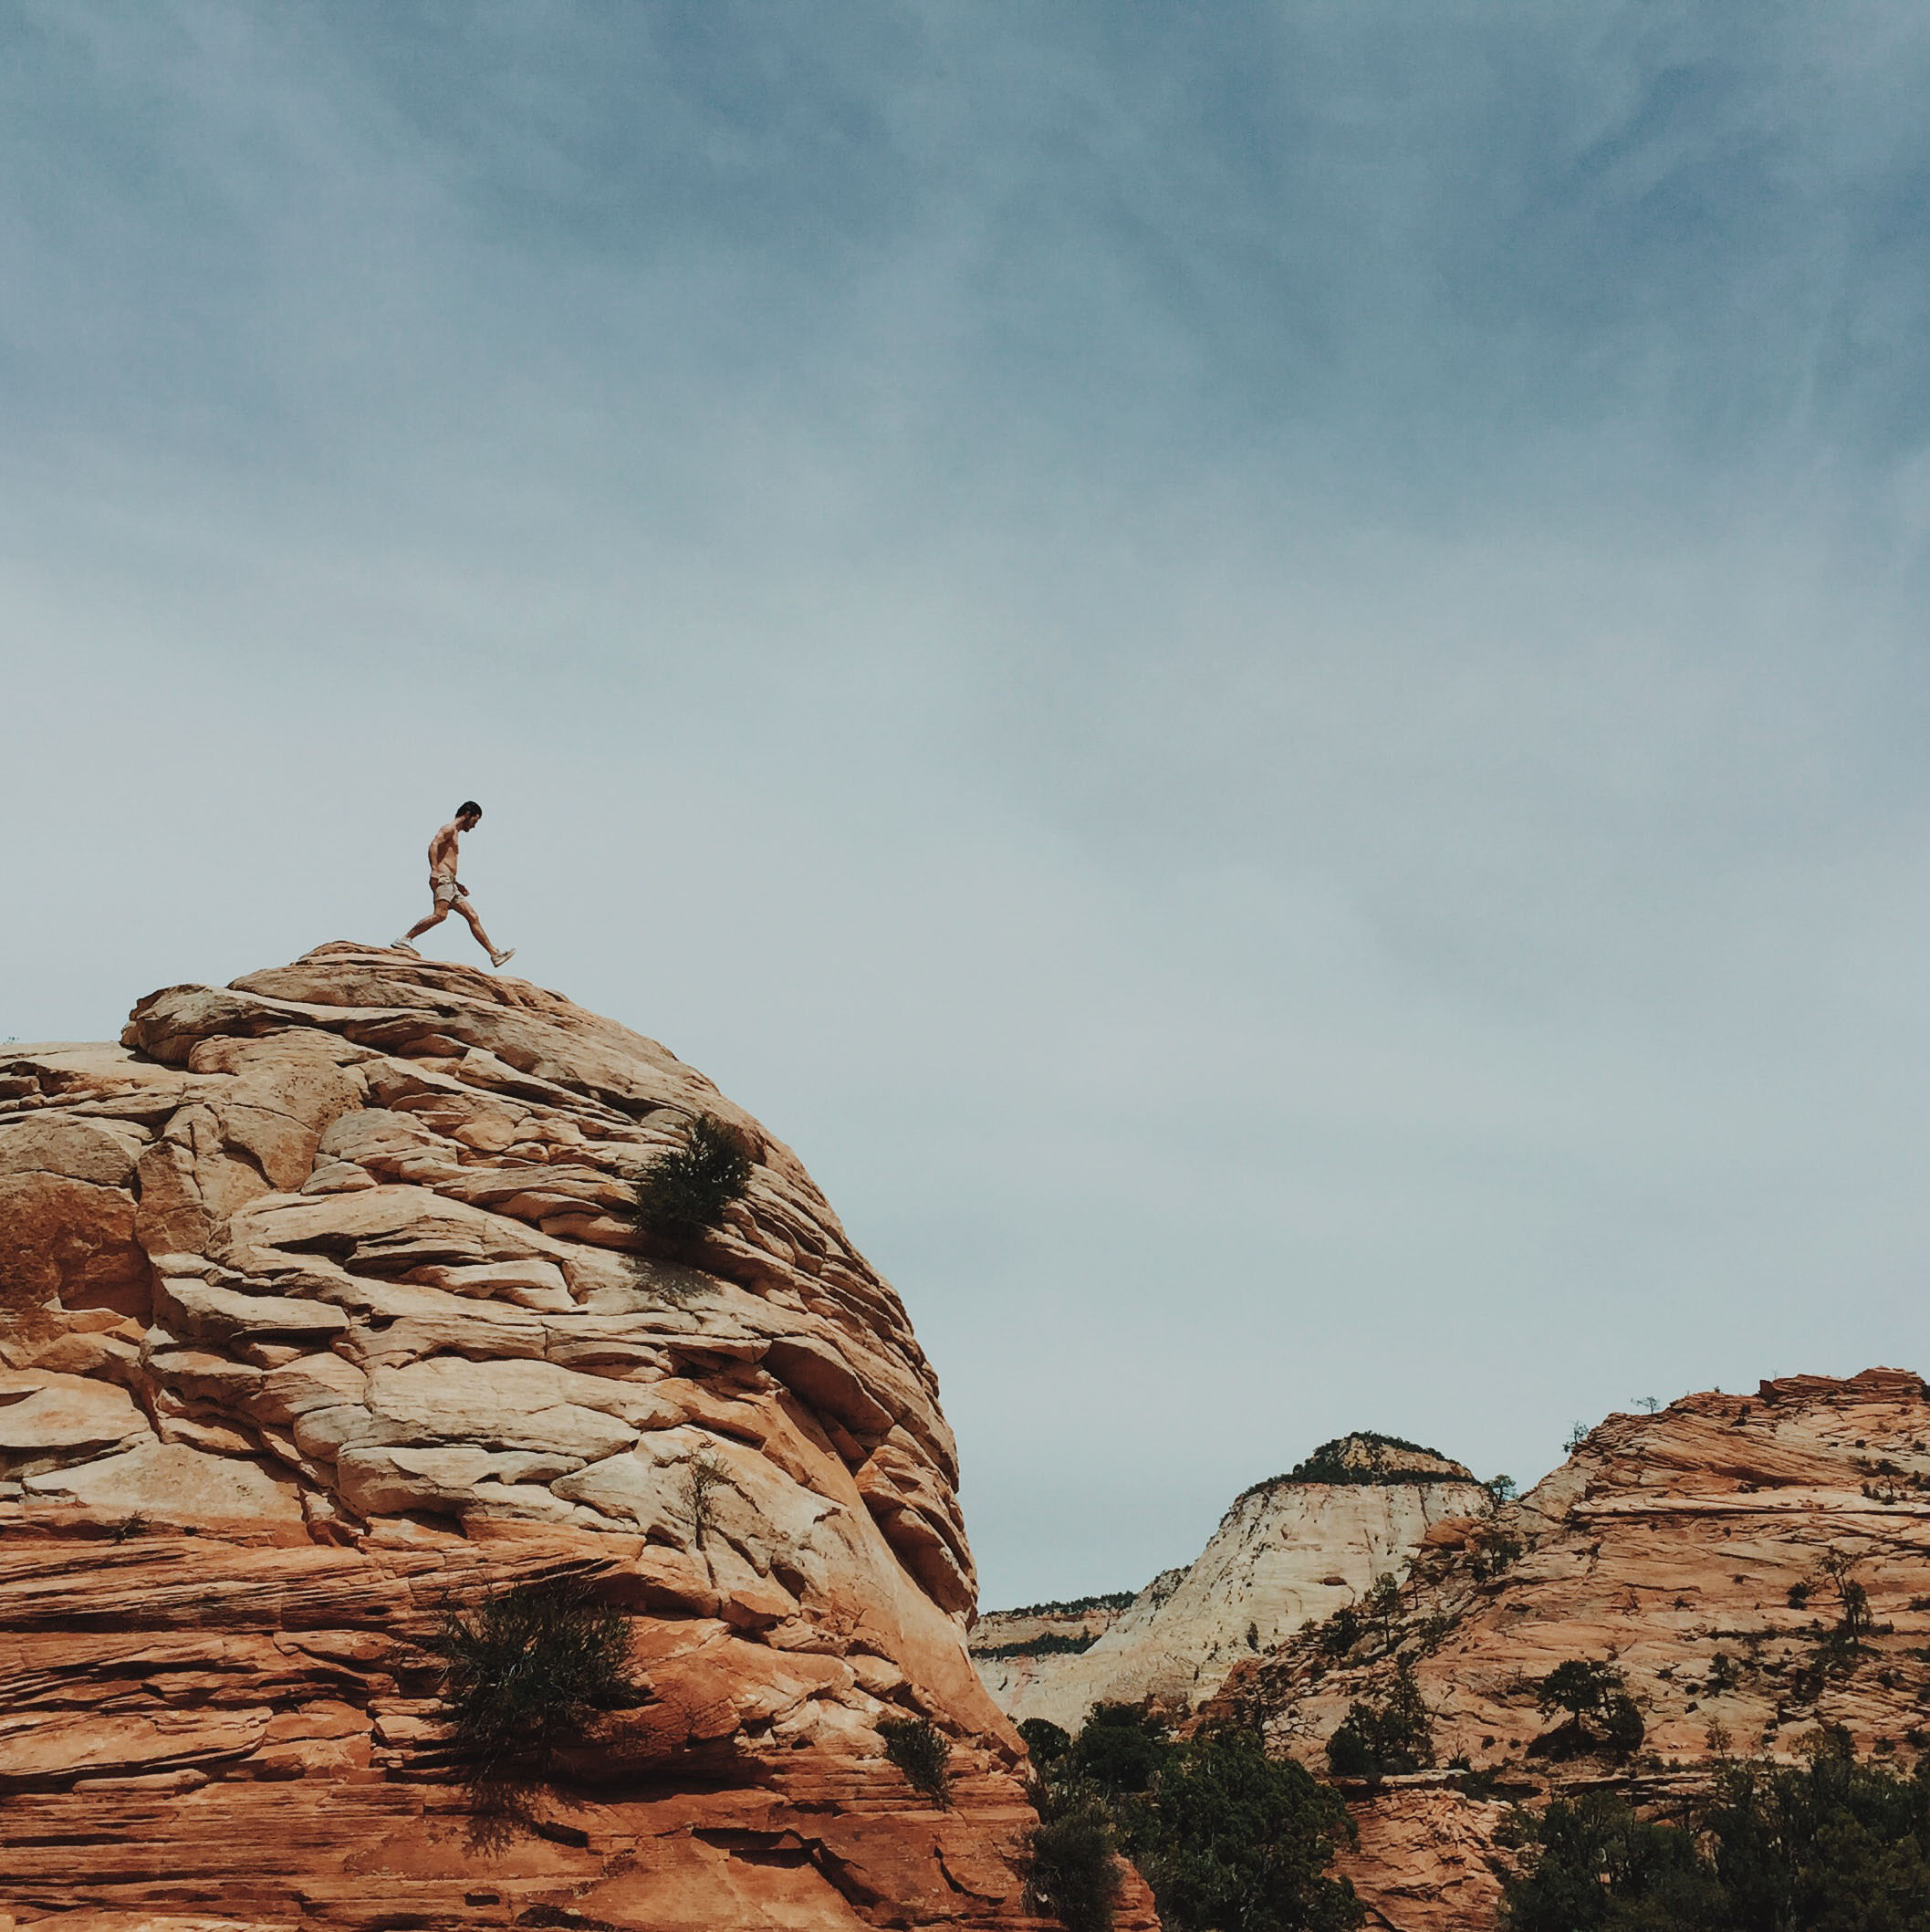 Zion National Park | Katch Silva